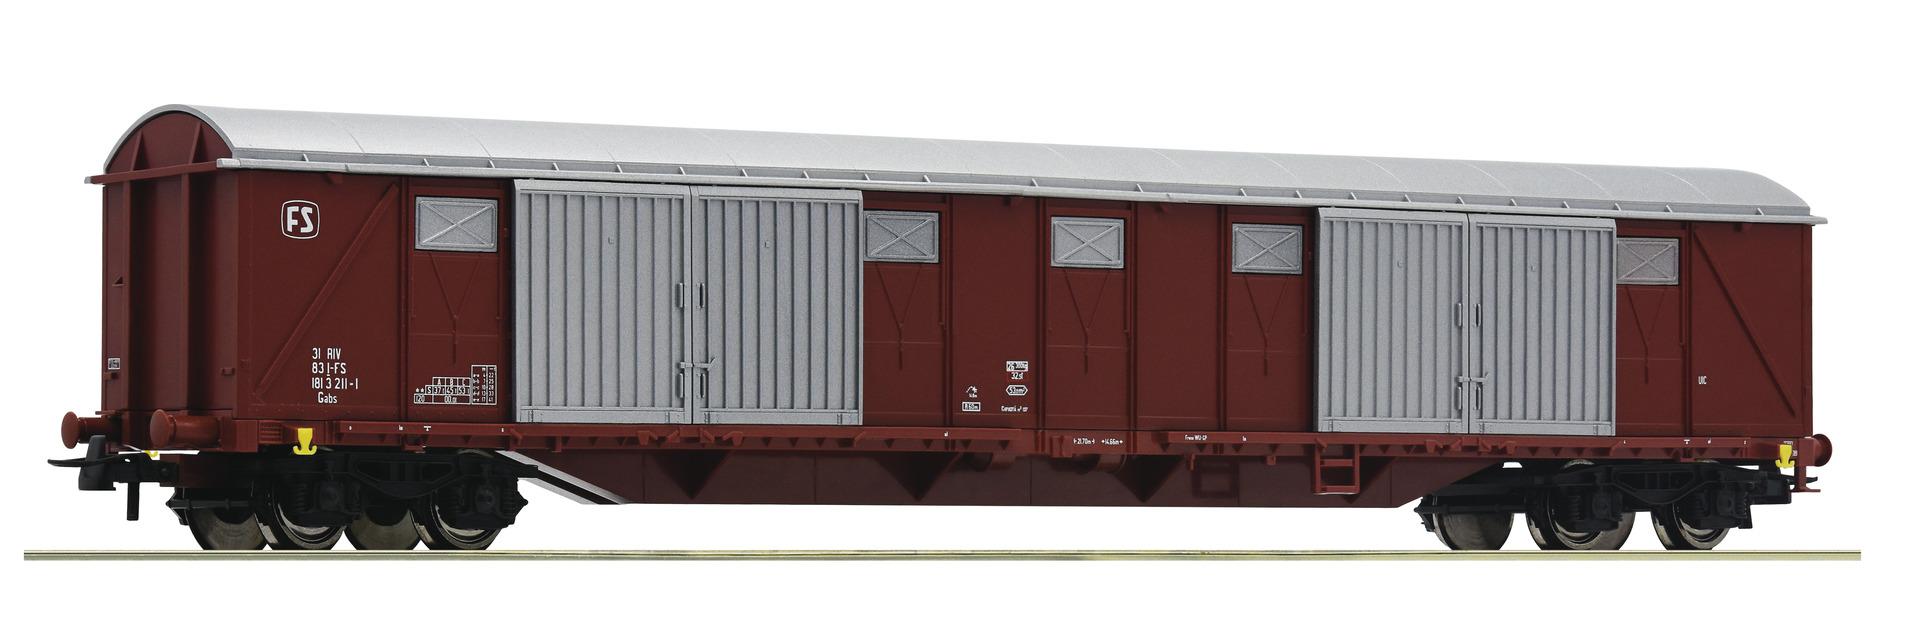 H0 Gedeckter Güterwagen der FS, Ep.IV